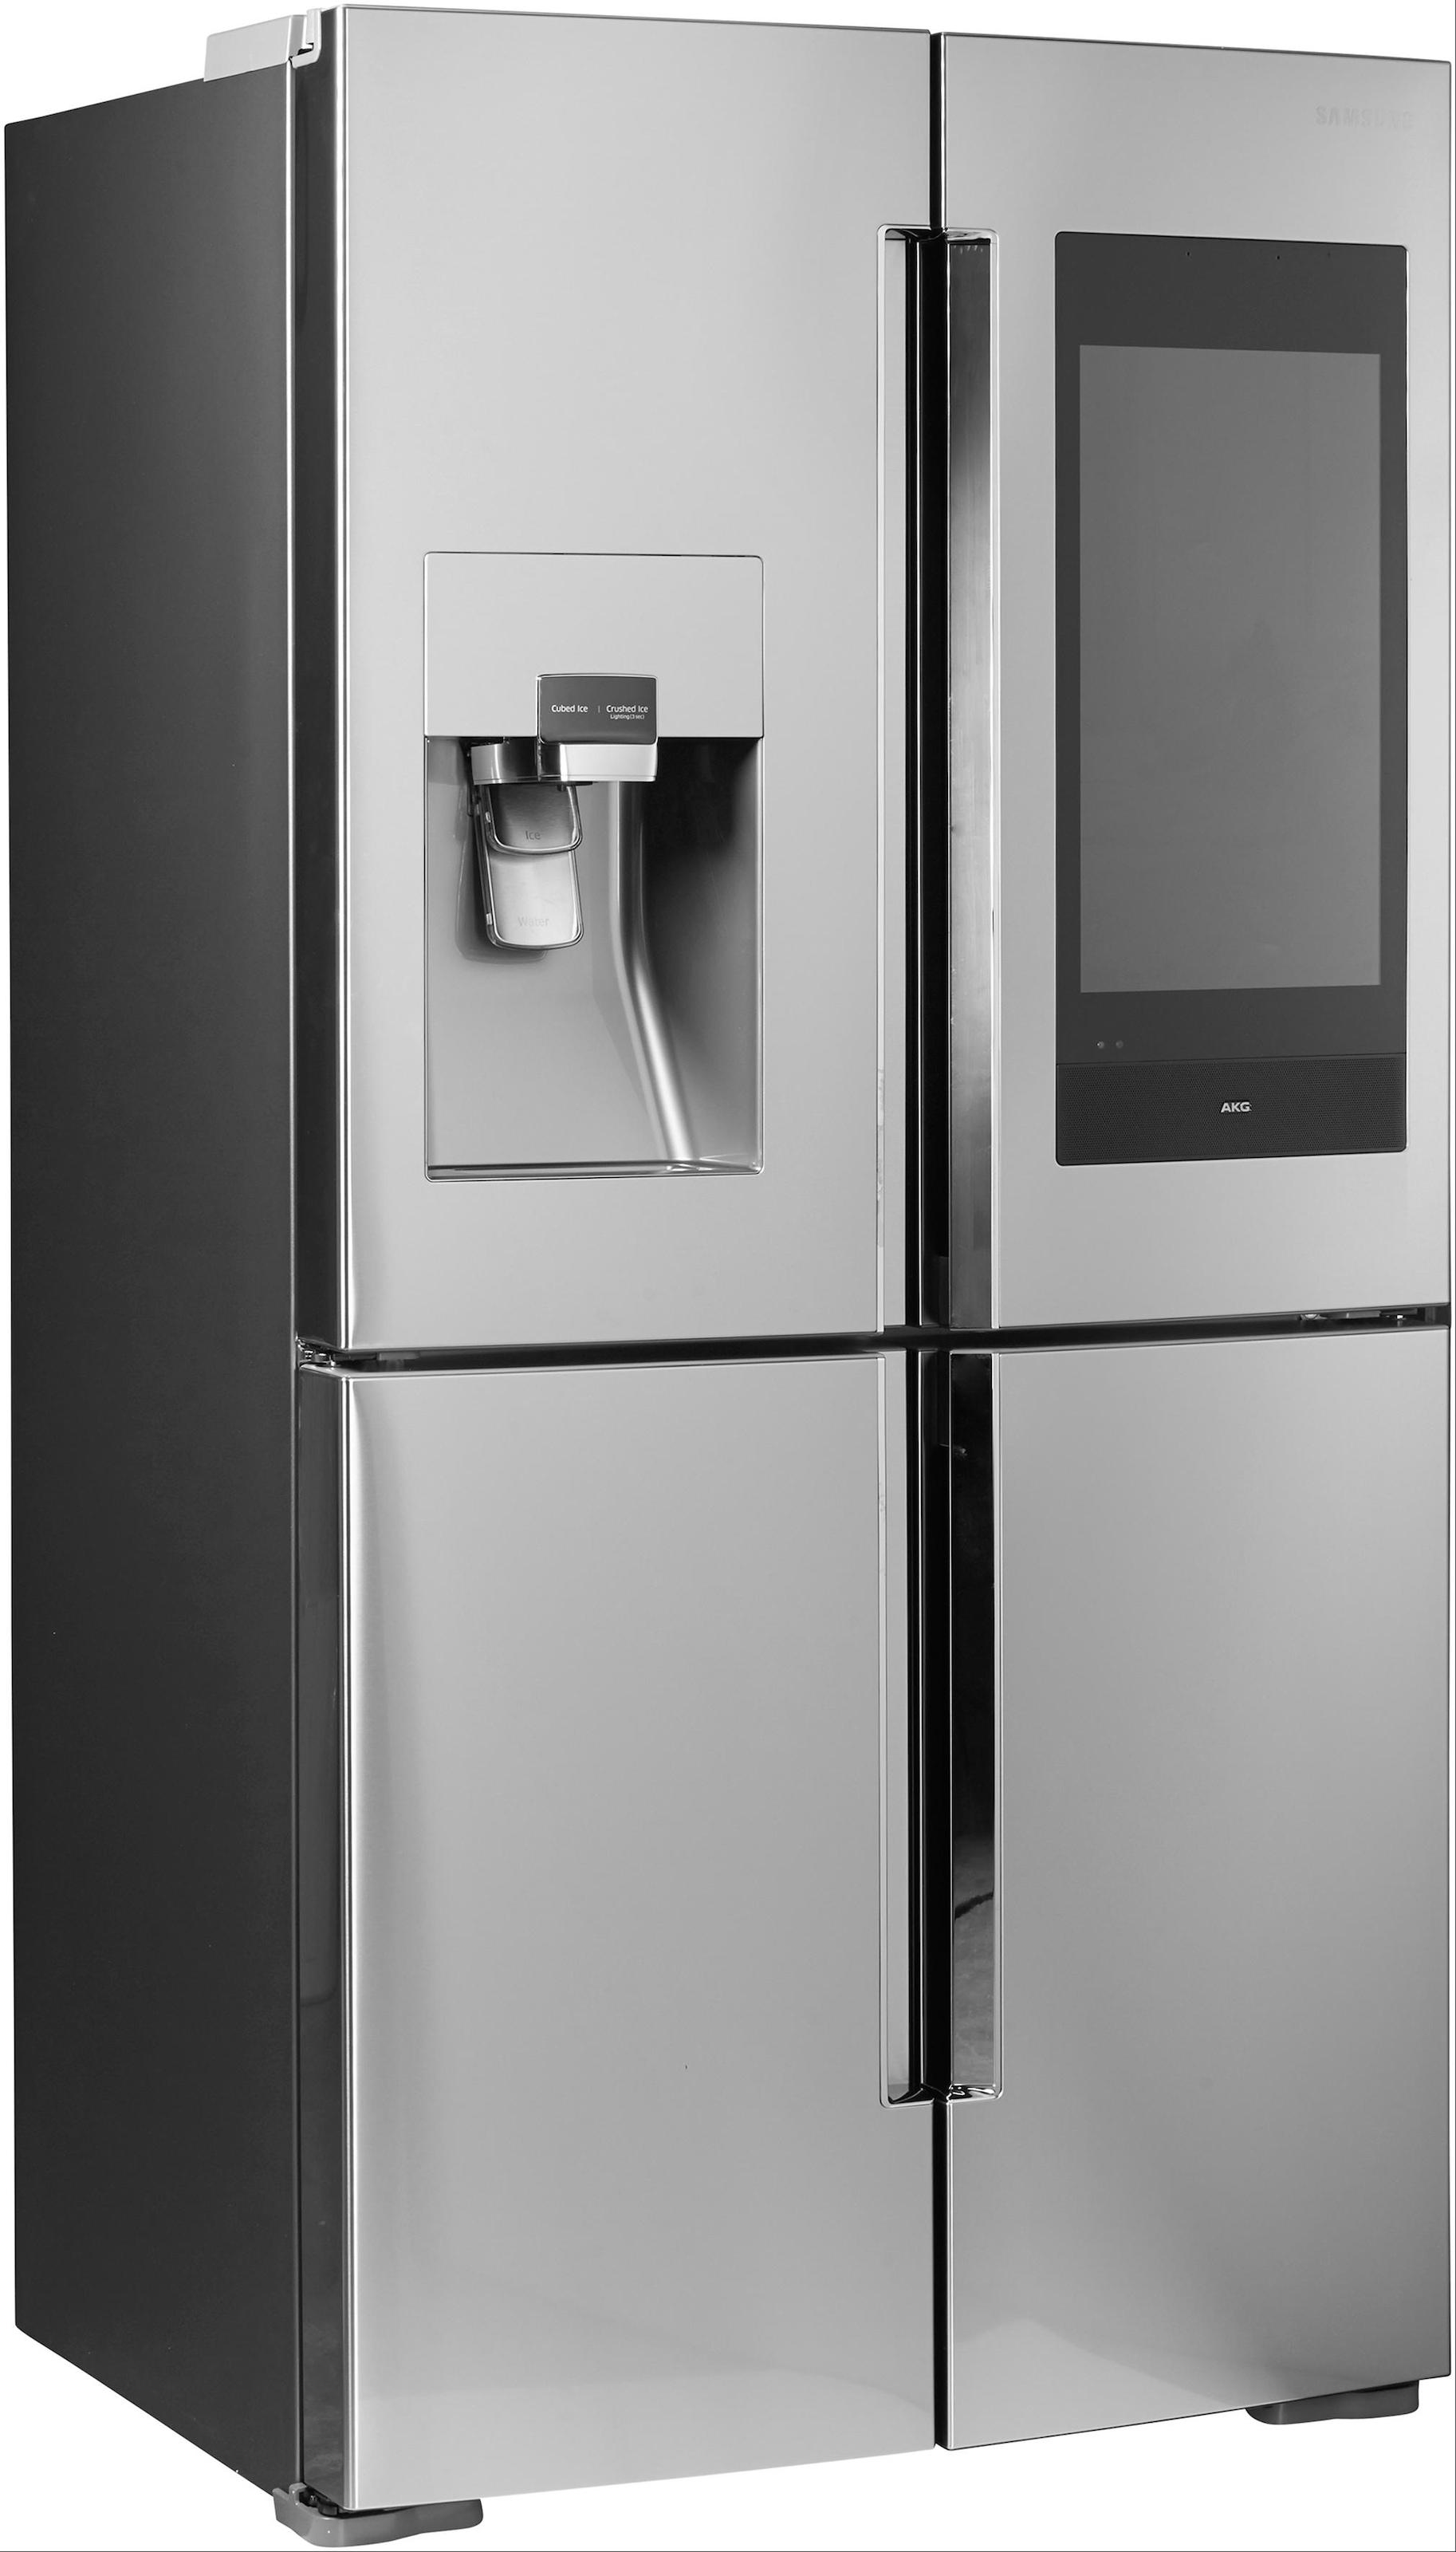 Siemens Kühlschrank Abstand Zur Wand : Side by side kühlschrank auf rechnung raten kaufen